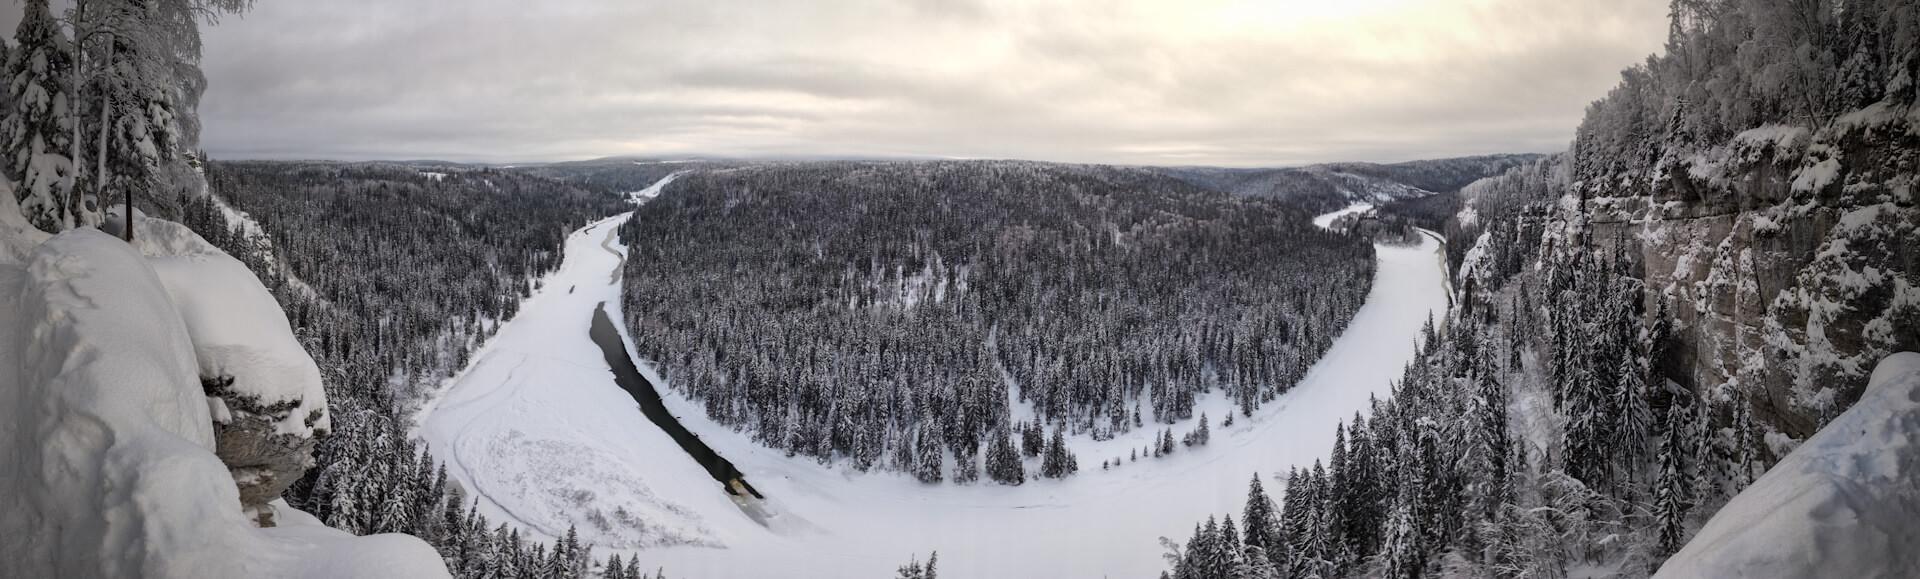 Река Усьва, Усьвинские столбы, Пермский край